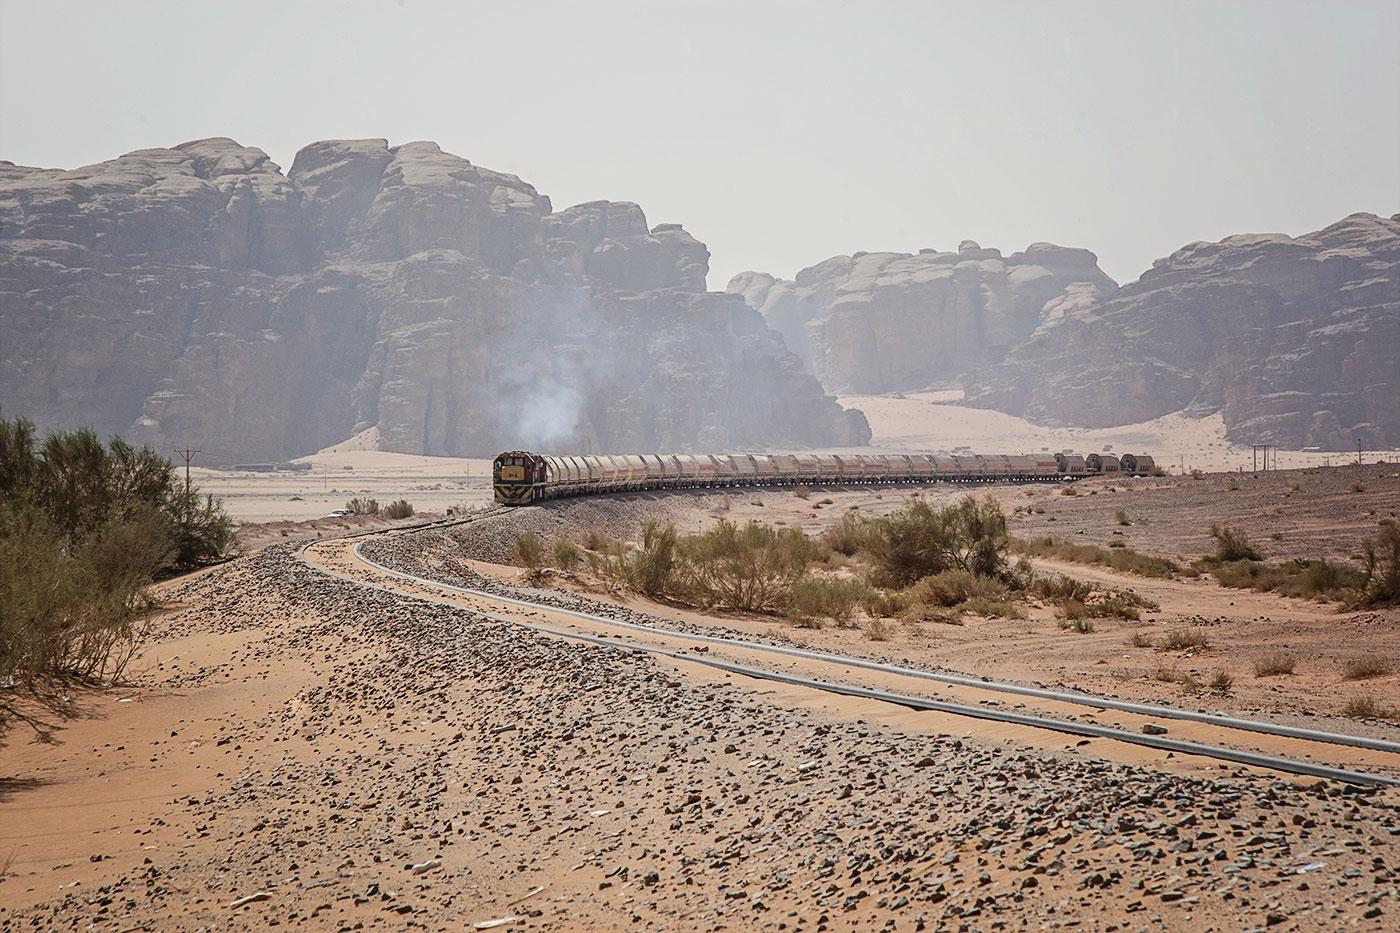 mit kindern nach jordanien reisen hedschasbahn phospat